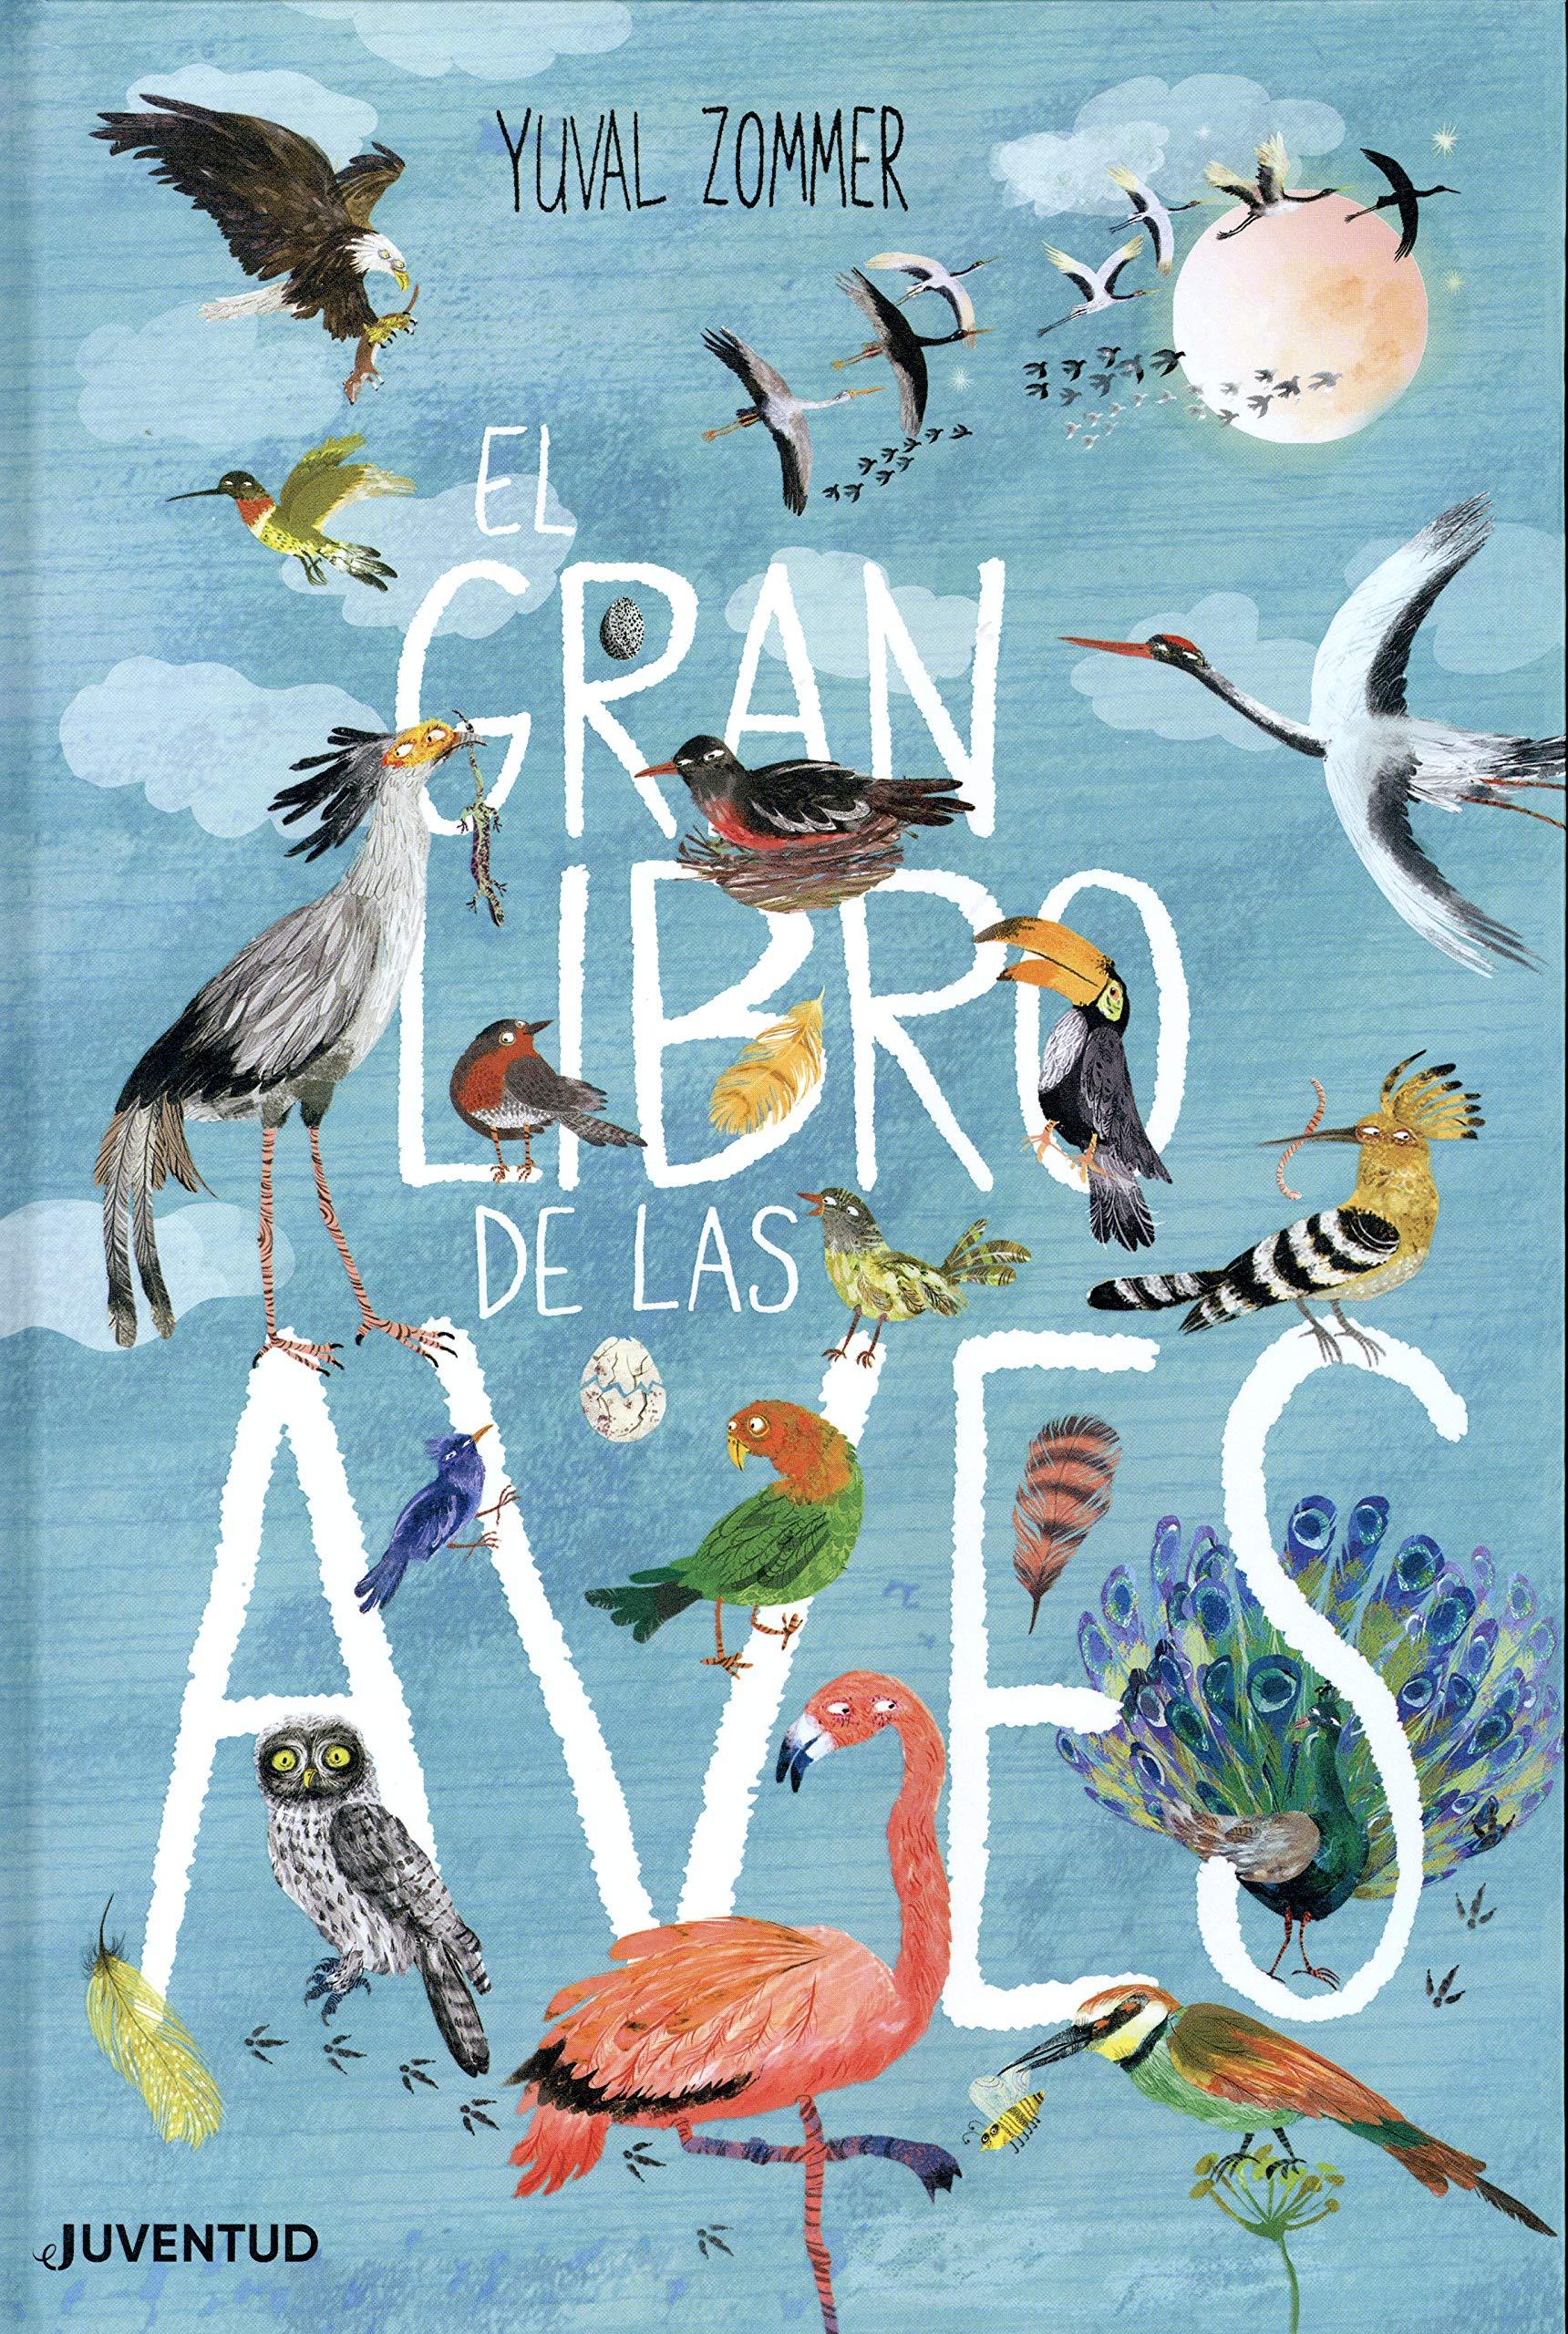 El gran libro de las aves (ALBUMES ILUSTRADOS): Amazon.es: Zommer, Yuval, Zommer, Yuval, Tornero Brugués, Susana: Libros